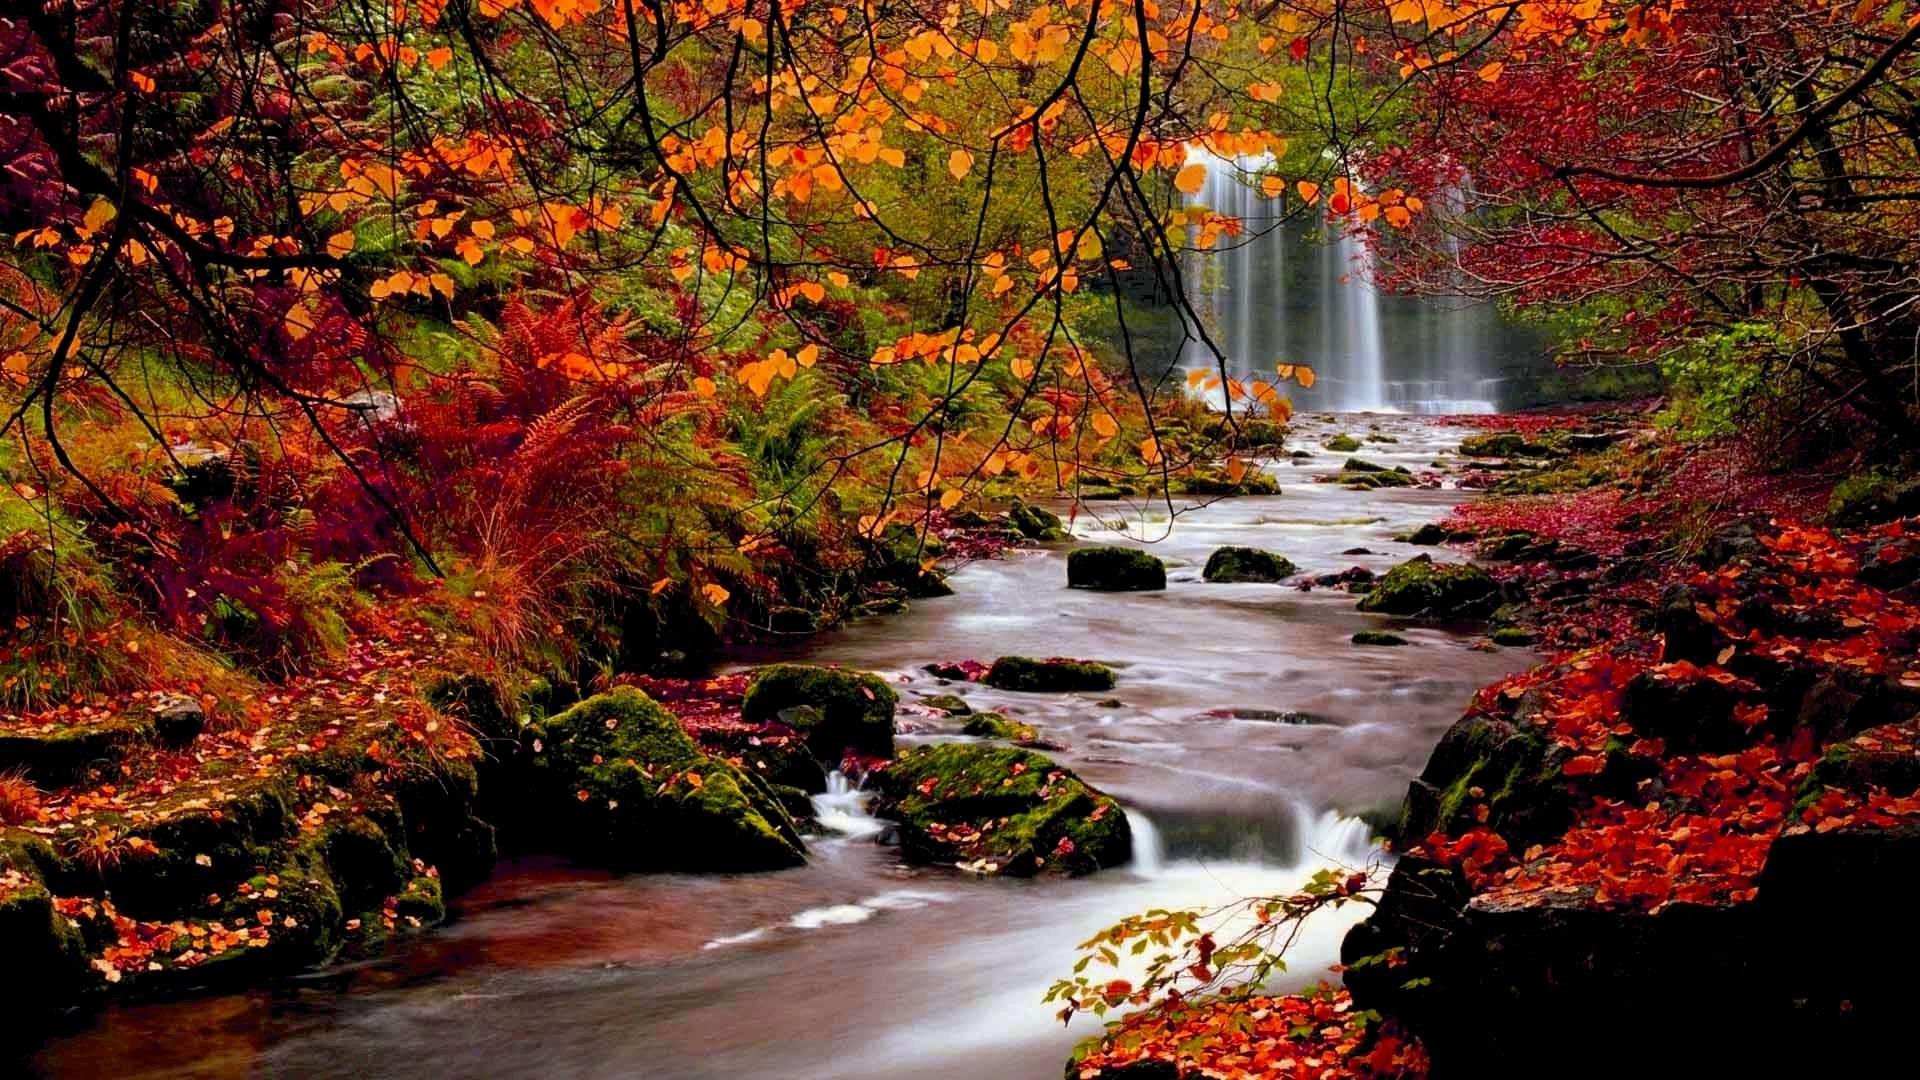 0 autumn wallpaper 6.jpg autumn wallpaper